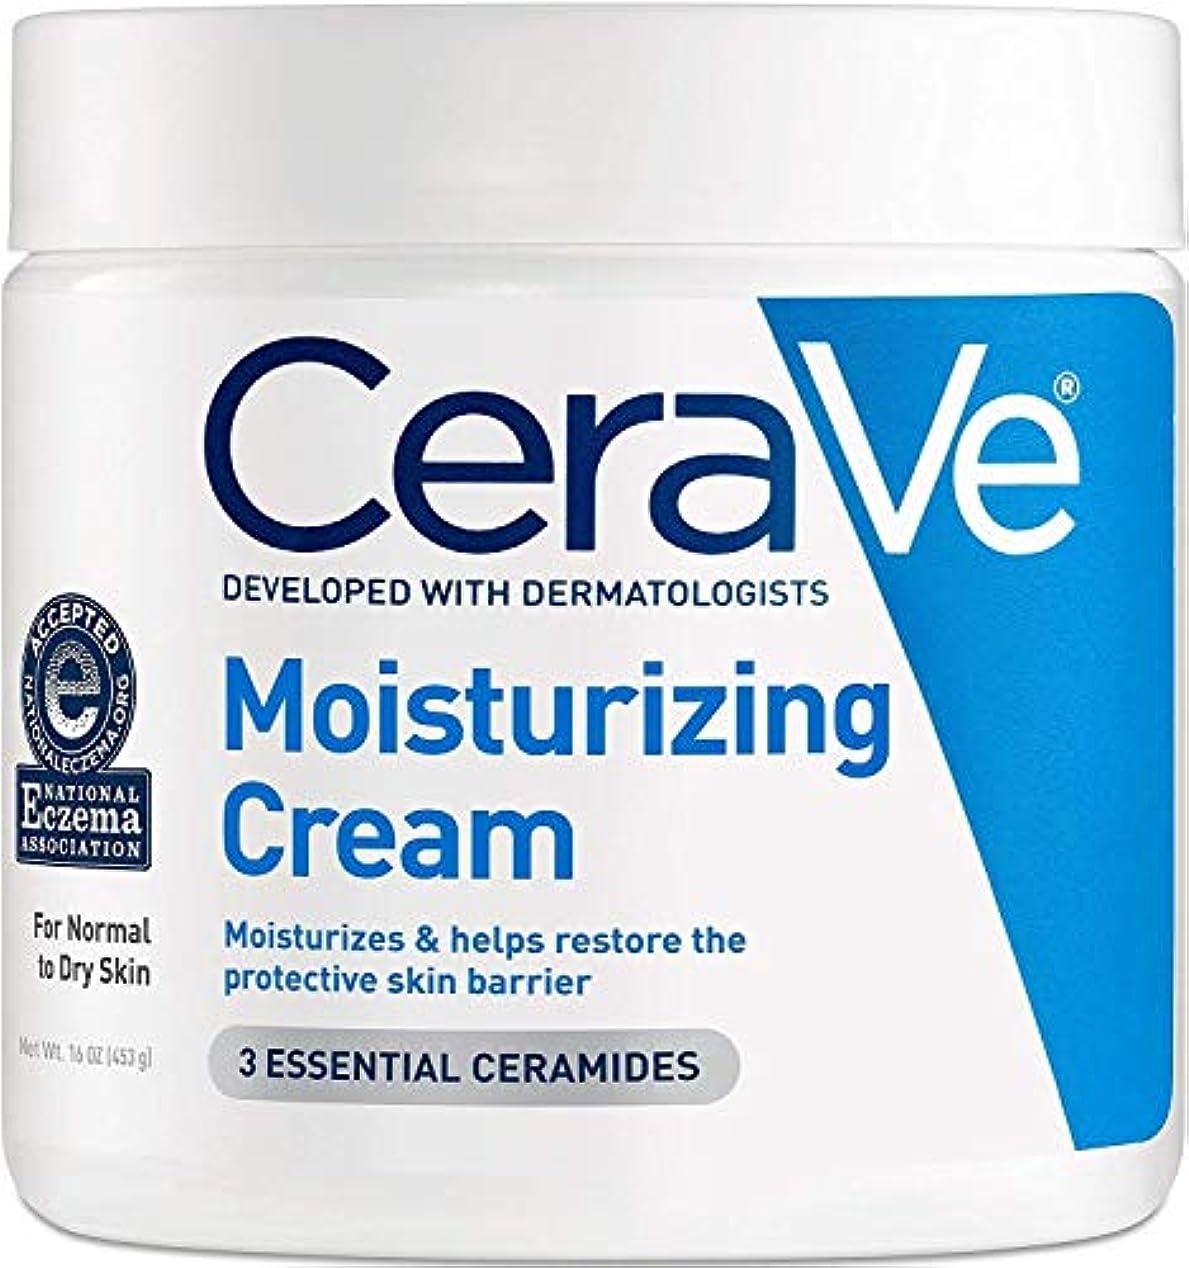 アナロジーオーチャード一般Cerave Moisturizing Cream, 16 oz [並行輸入品] -3 Packs